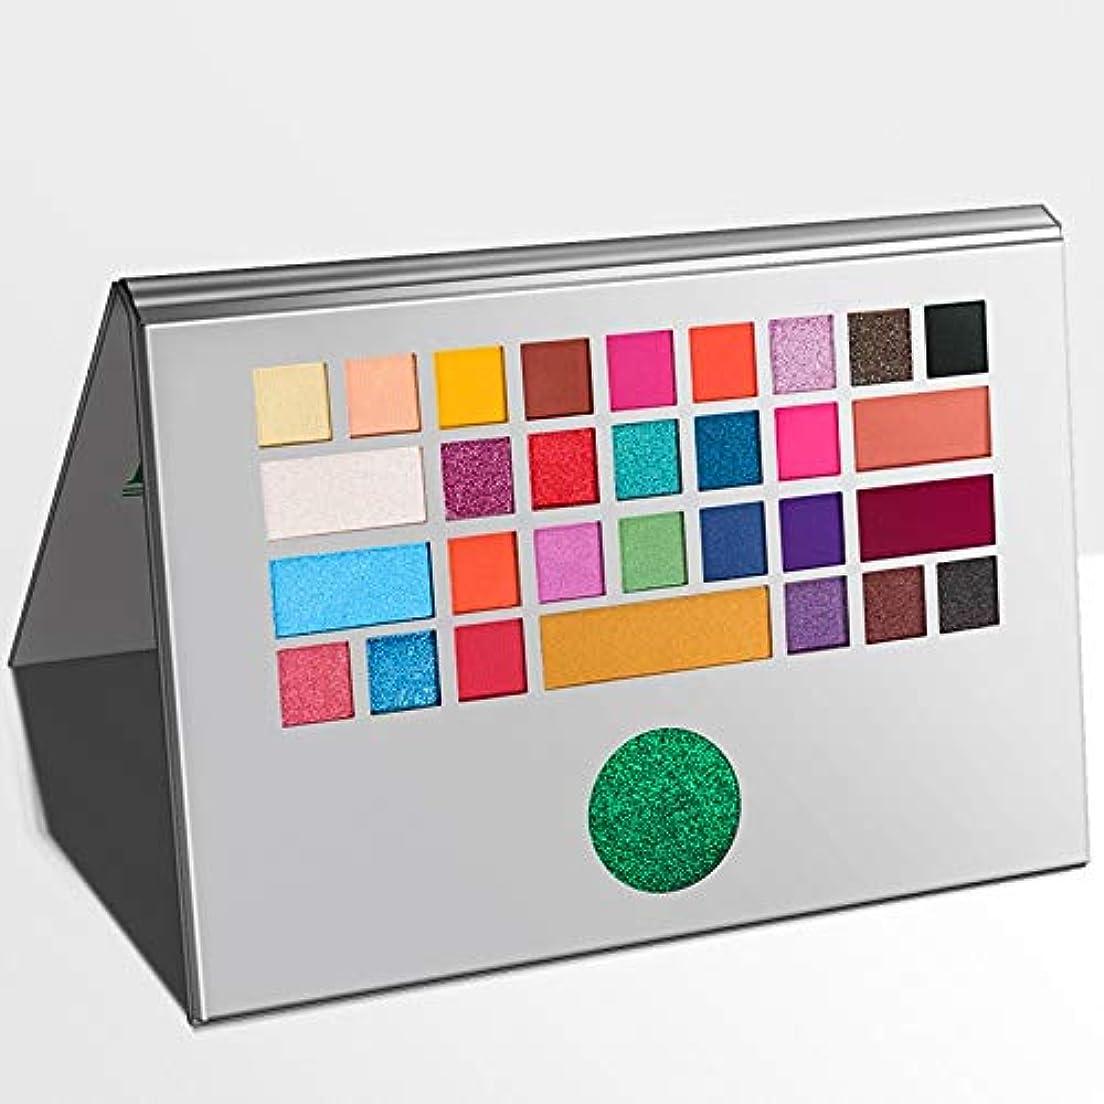 非常に唯物論ネイティブ新しいアイシャドウパレット31色ラップトップデザインアイシャドウメイクアップパレットアイシャドウパレットラップトップパレット (Color : 31 color)